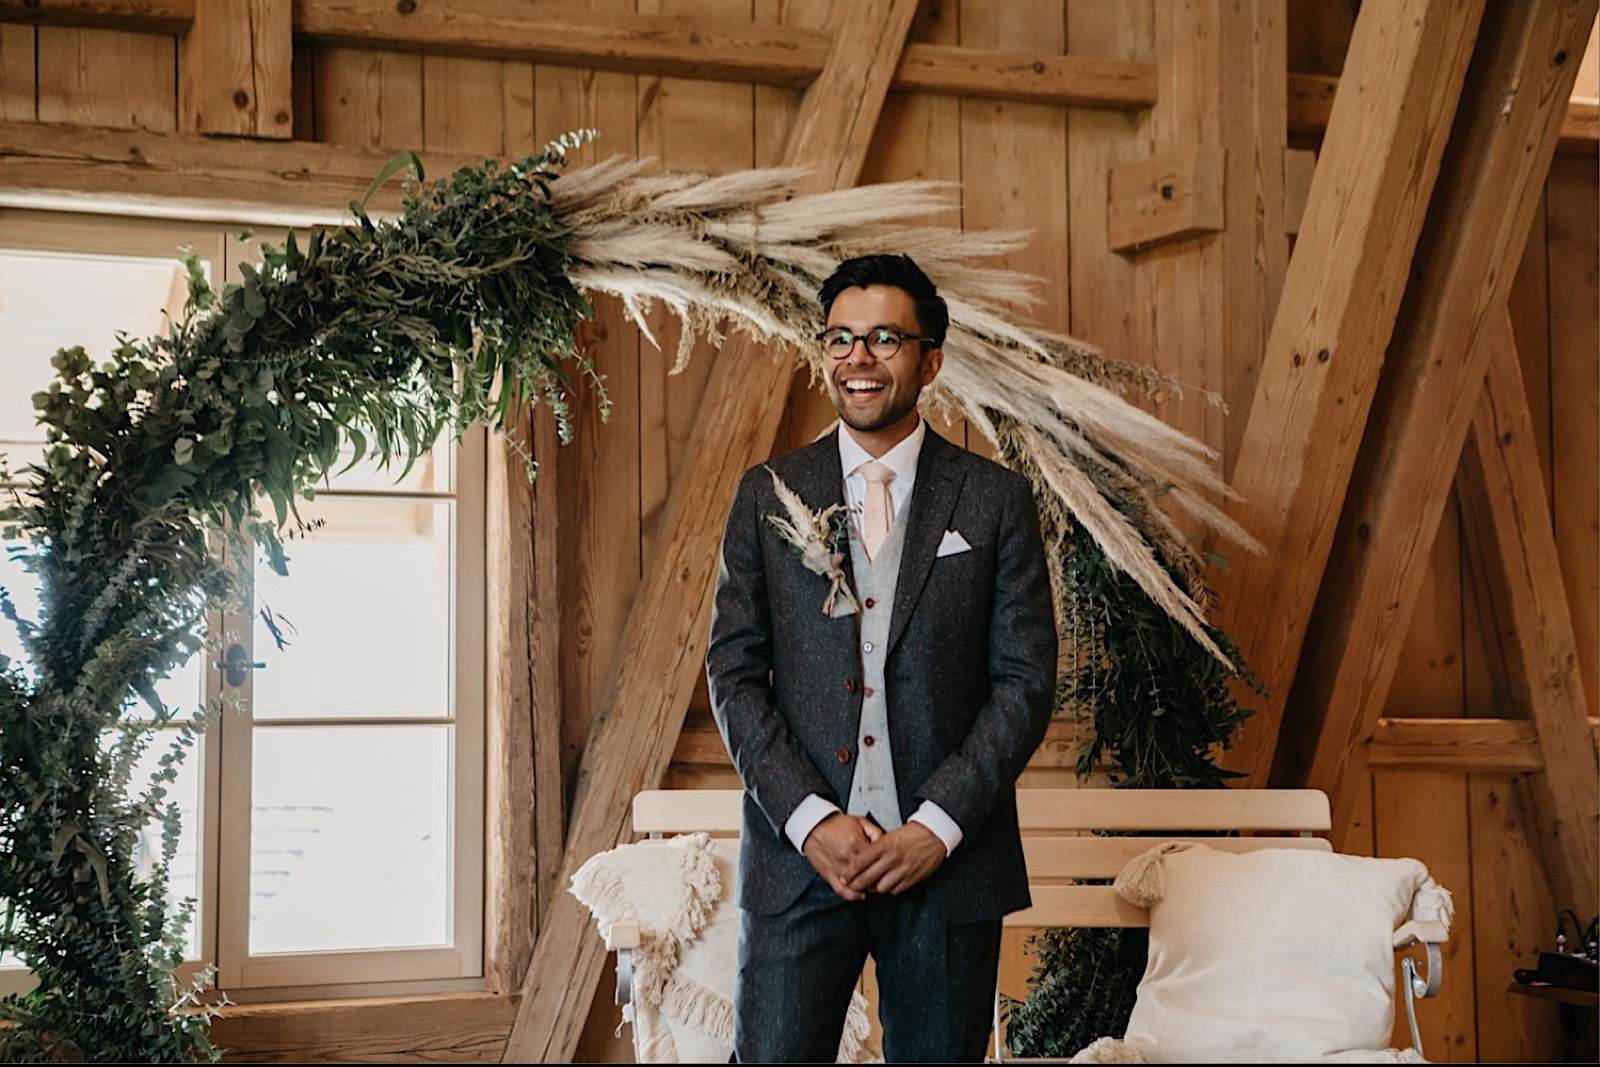 33_bohowedding_ceremony_intimate_wedding (10 von 39).jpg